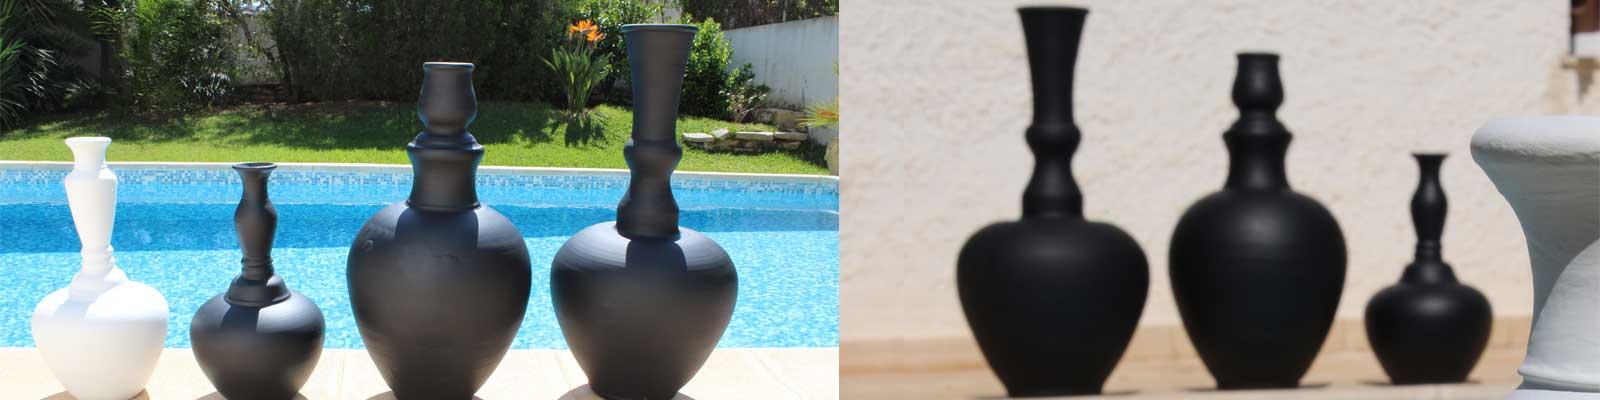 Grands vases noirs ou blancs de Slim